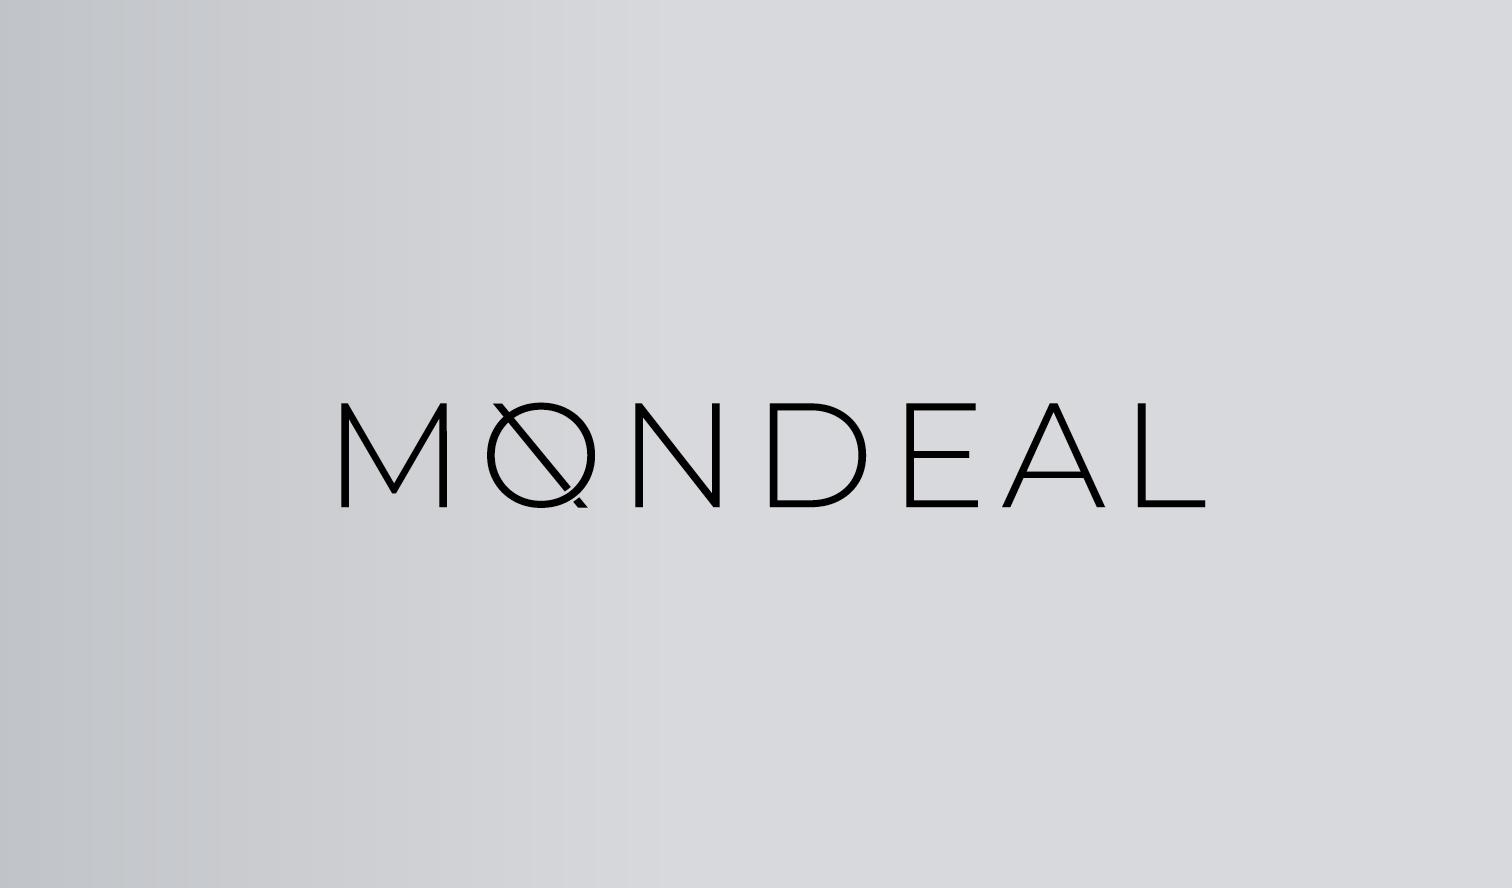 Mondeal logo